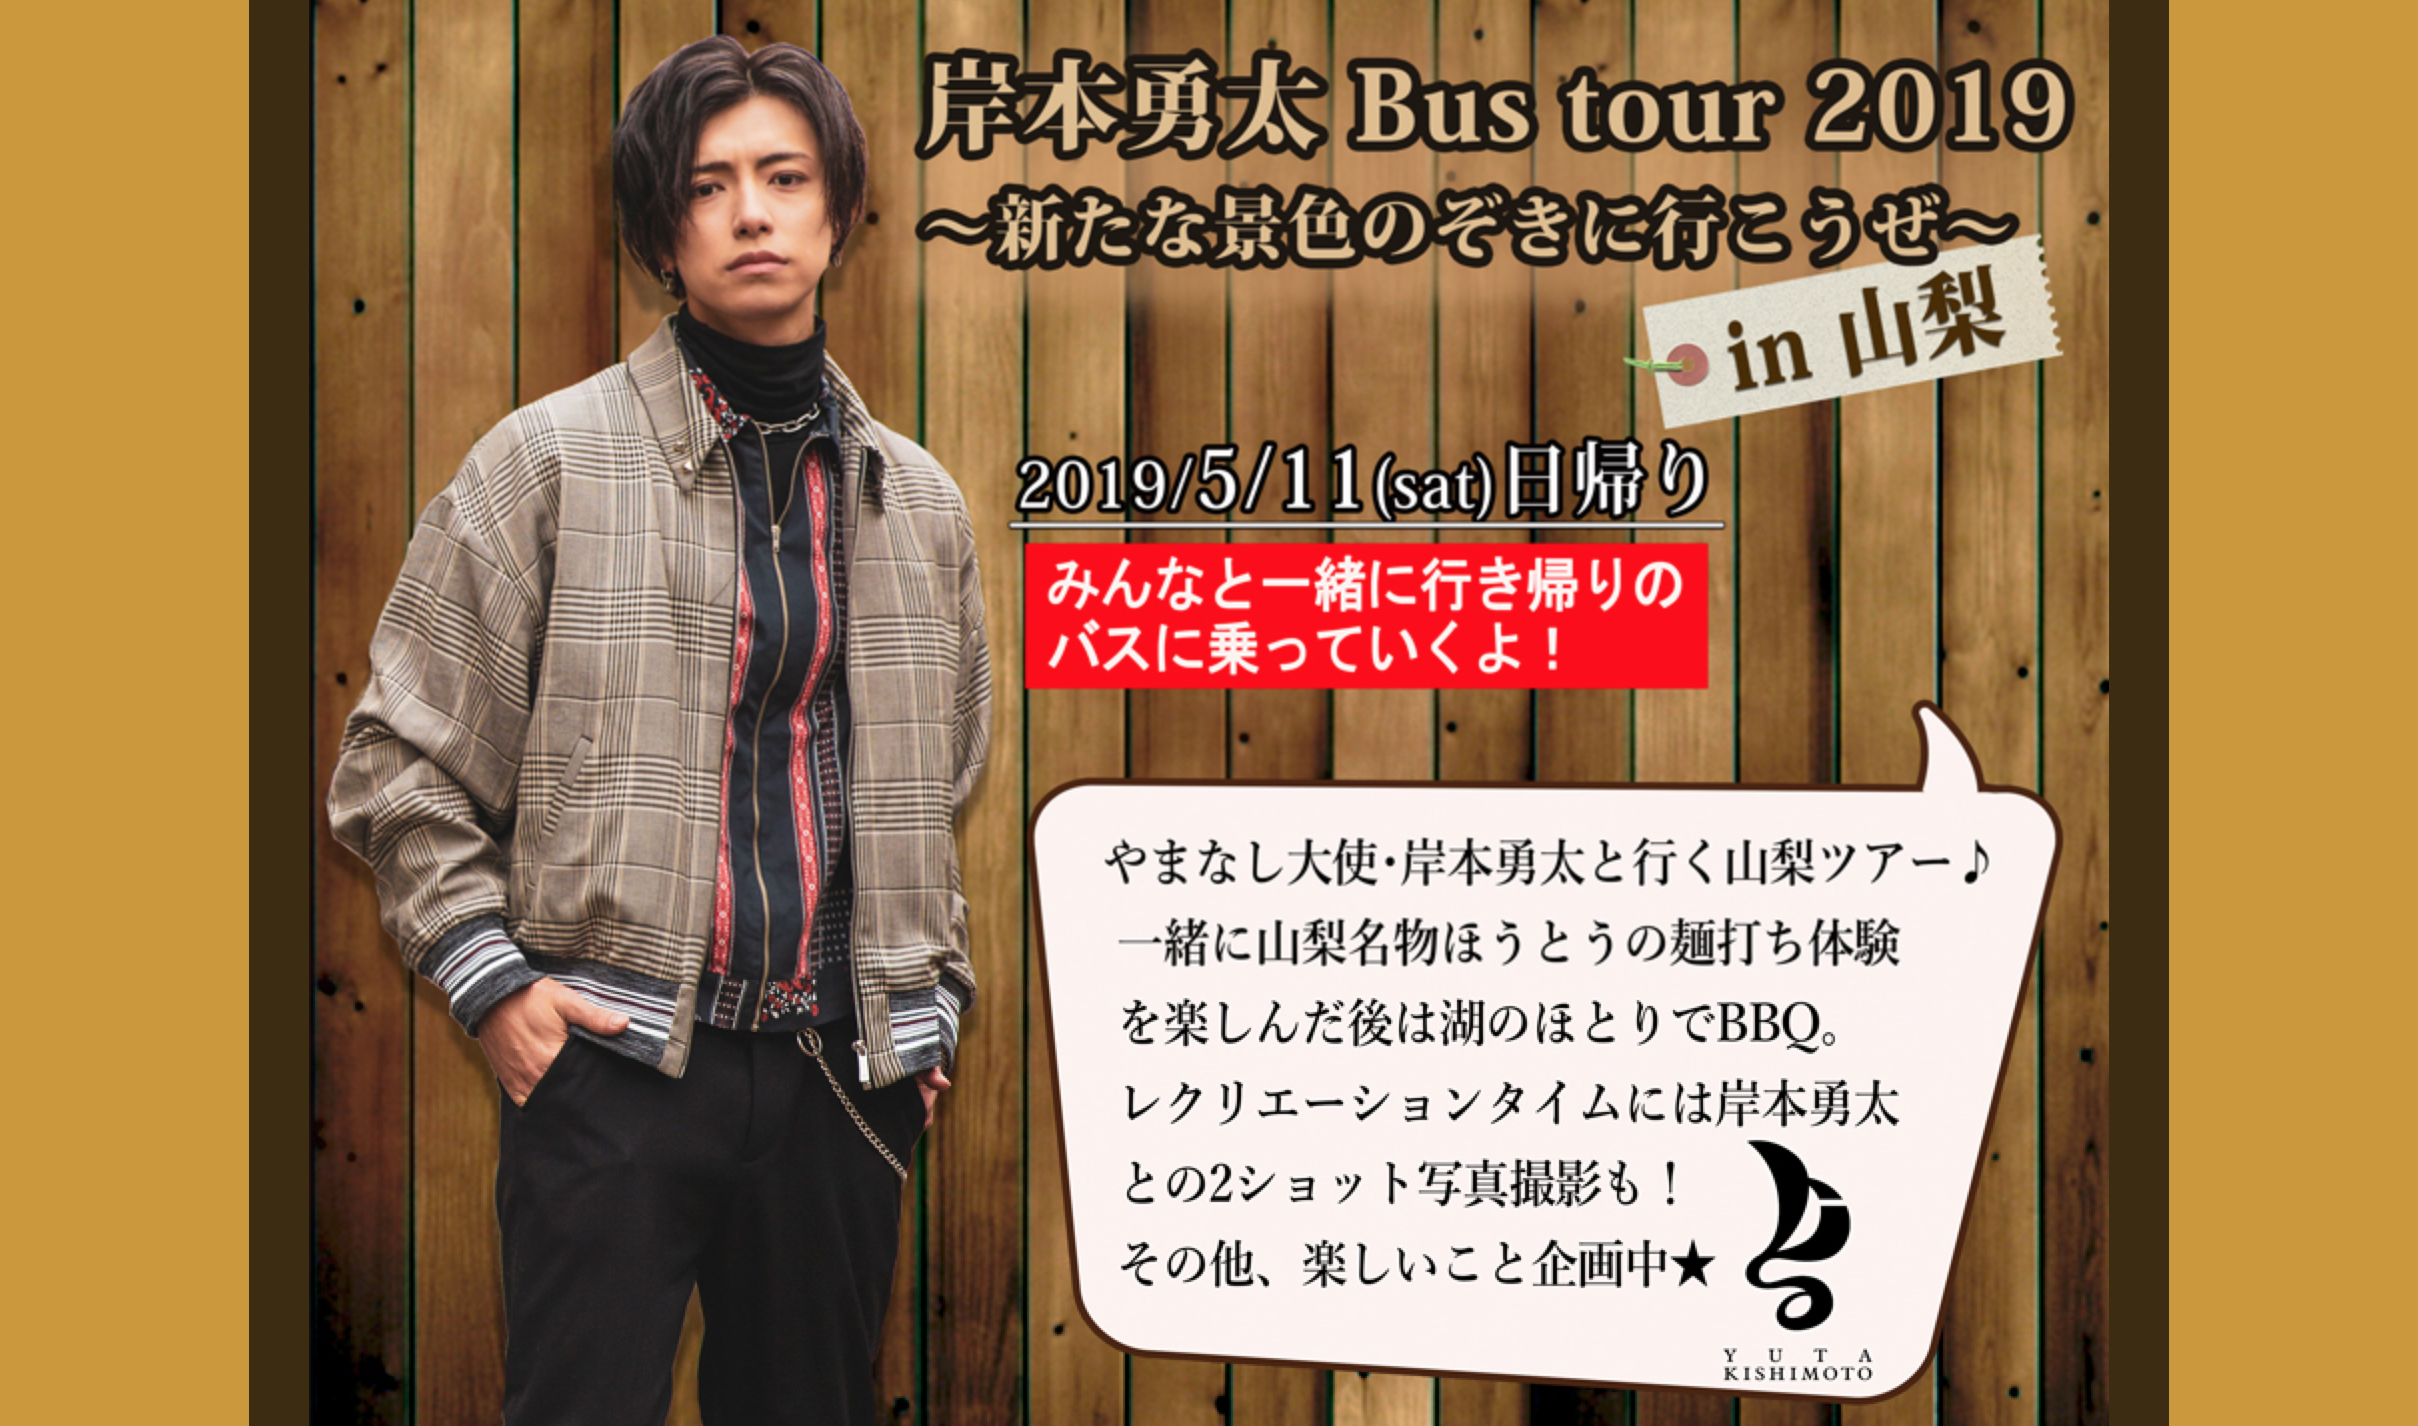 YUTA KISHIMOTO BUS TOUR 2019.png